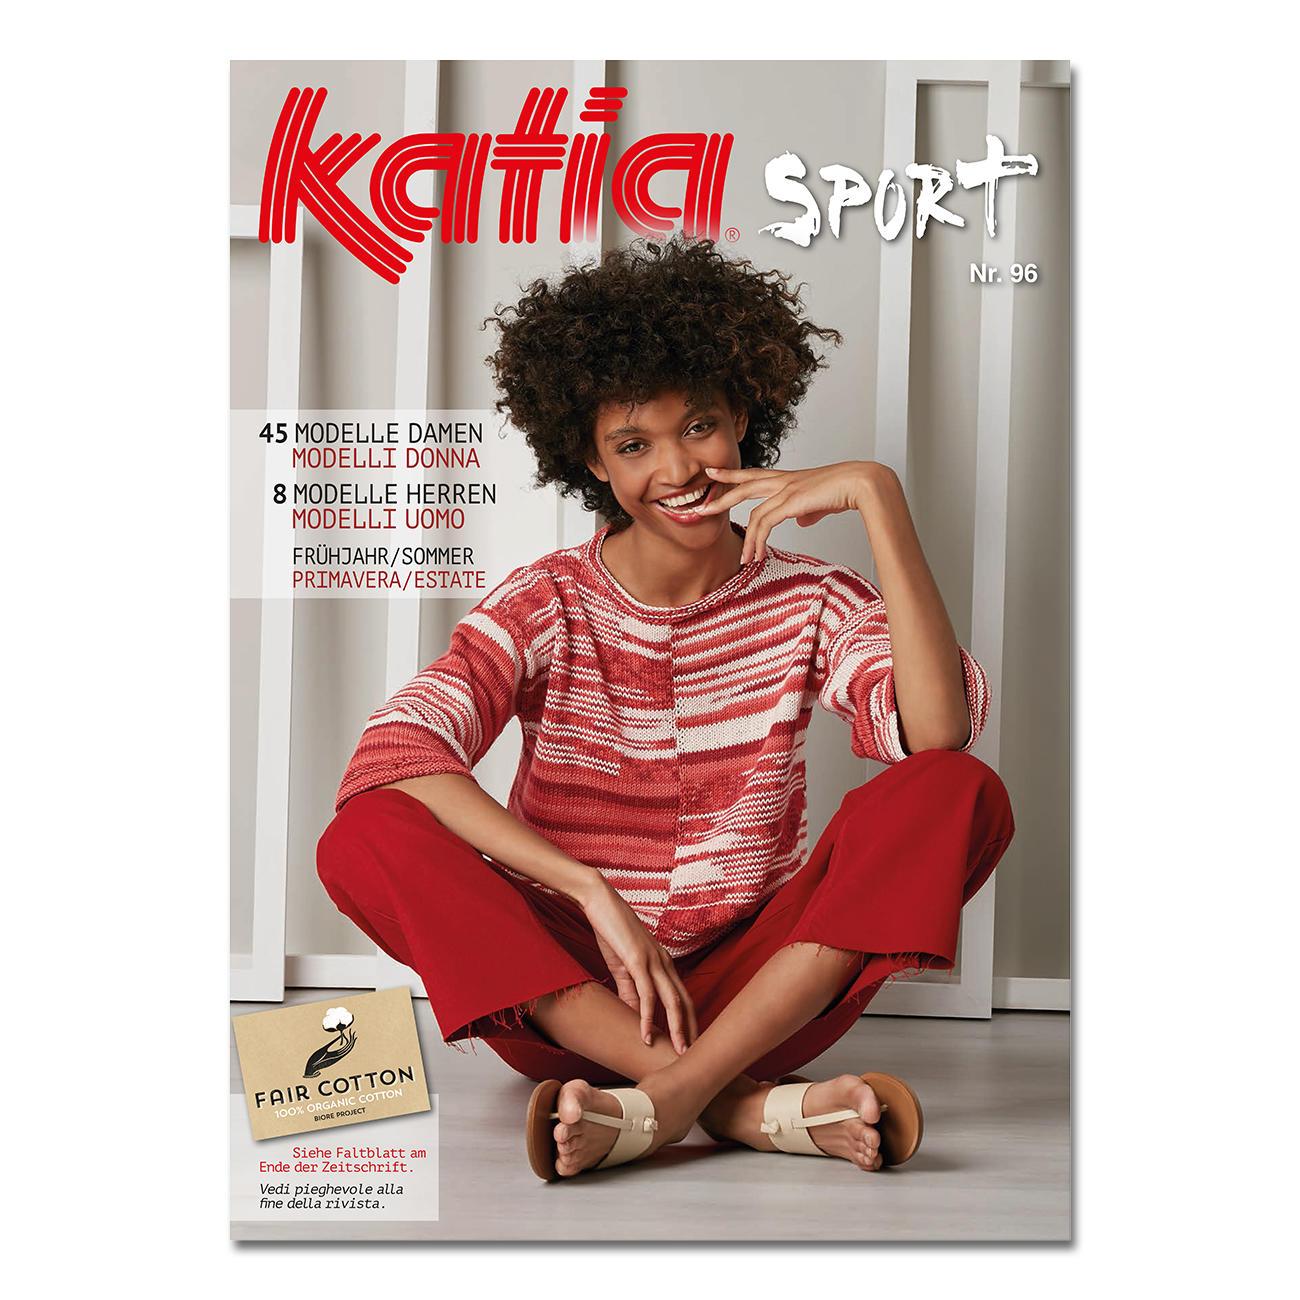 Heft - Katia SPORT 96